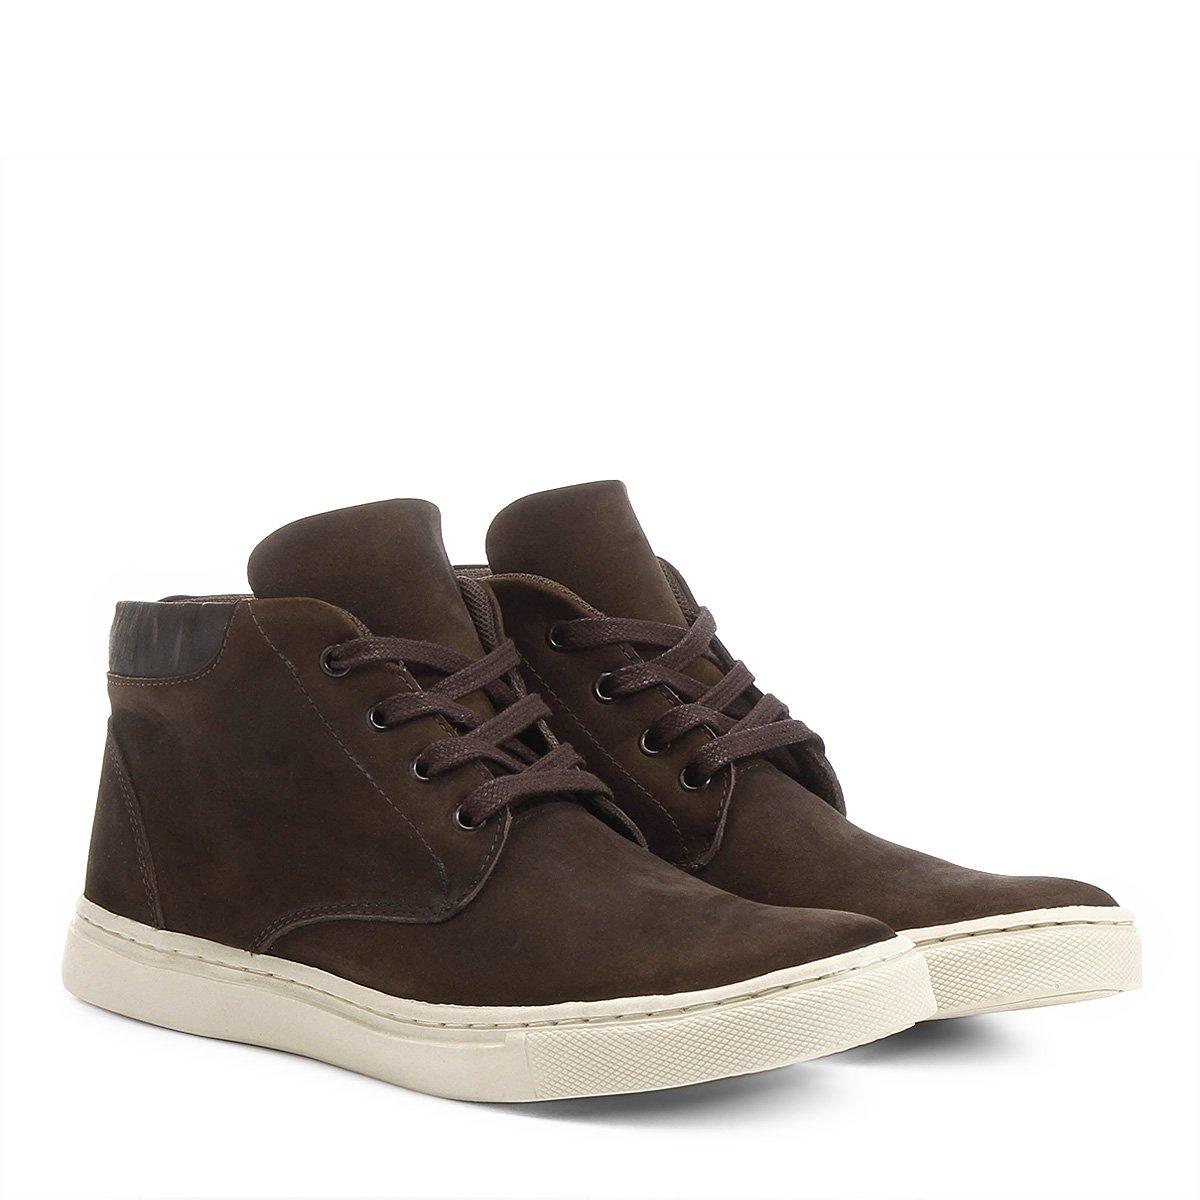 3bc119665a Sapatênis Couro Shoestock Nobuck Cano Alto Masculino - Compre Agora ...